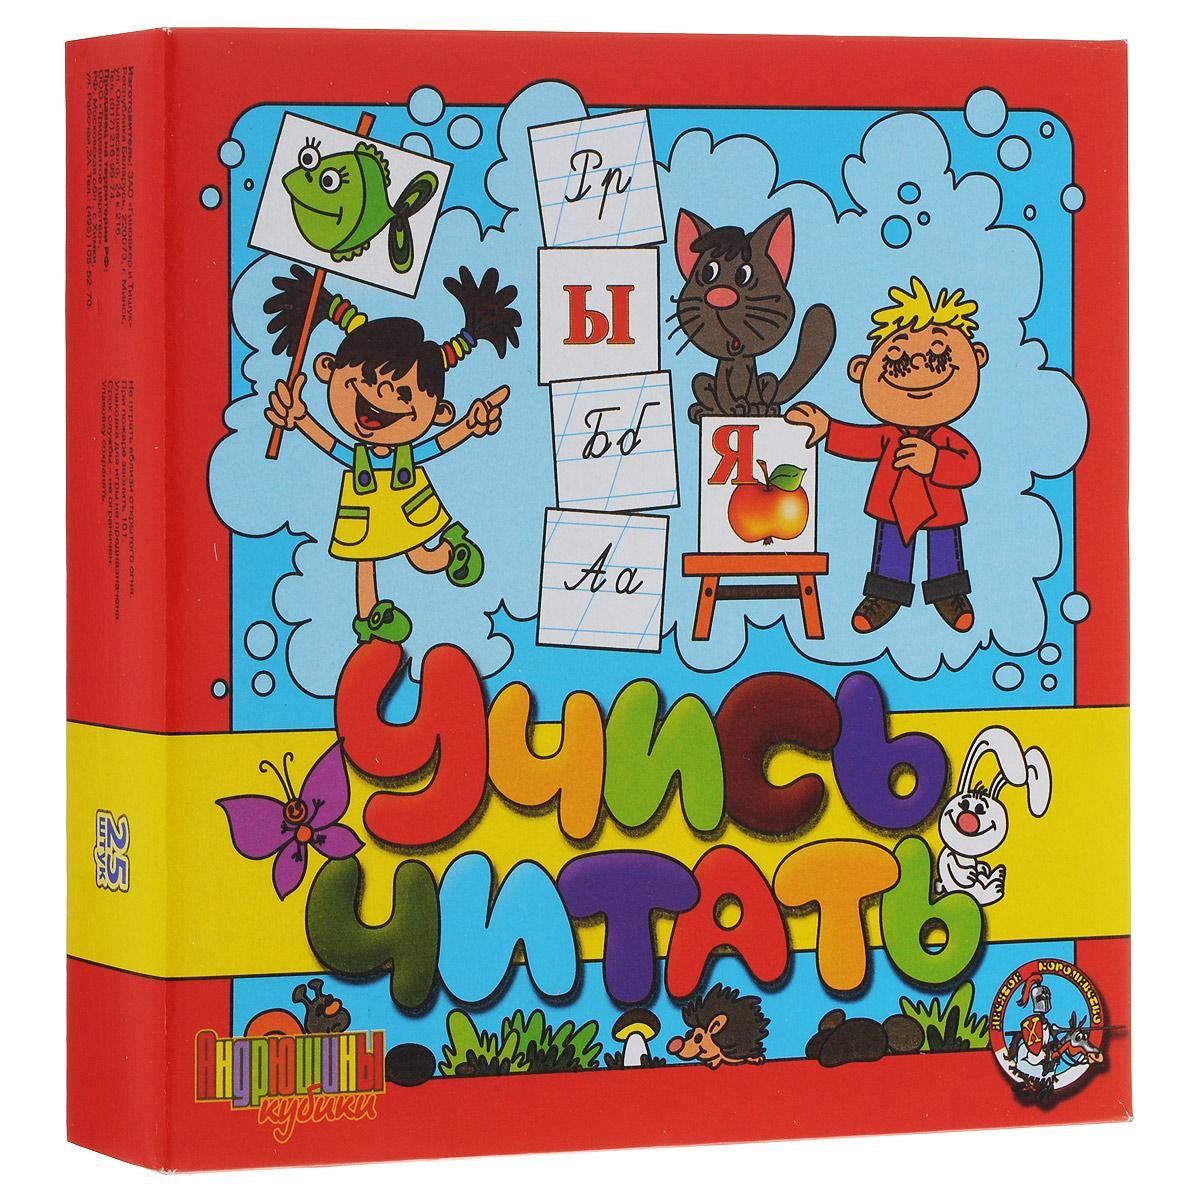 Кубики Десятое королевство Учись читать, 25 шт00506Кубики Десятое королевство Учись читать включают в себя 25 кубиков, на каждой грани которых расположена буква и соответствующая ей красочная картинка. Кубики выполнены из прочного безопасного пластика. Они очень приятные на ощупь, их грани идеально ровные, малышу непременно понравится держать их в руках, рассматривать и строить из них различные конструкции. А складывание слов из кубиков поможет малышу развить навыки логического мышления и познакомит его со словами, буквами и правописанием. Игры с кубиками развивают мелкую моторику рук, цветовое восприятие и пространственное мышление. Ребенку непременно понравится учиться и играть с кубиками, такие игры не только надолго займут внимание малыша, но и помогут ему развить мелкую моторику, пространственное мышление, зрительное и тактильное восприятие, а также воображение и координацию движений. Наборы кубиков из 20 штук - это небольшая группа пластмассовых кубиков с картинками. Не самый рациональный формат для азбуки и...